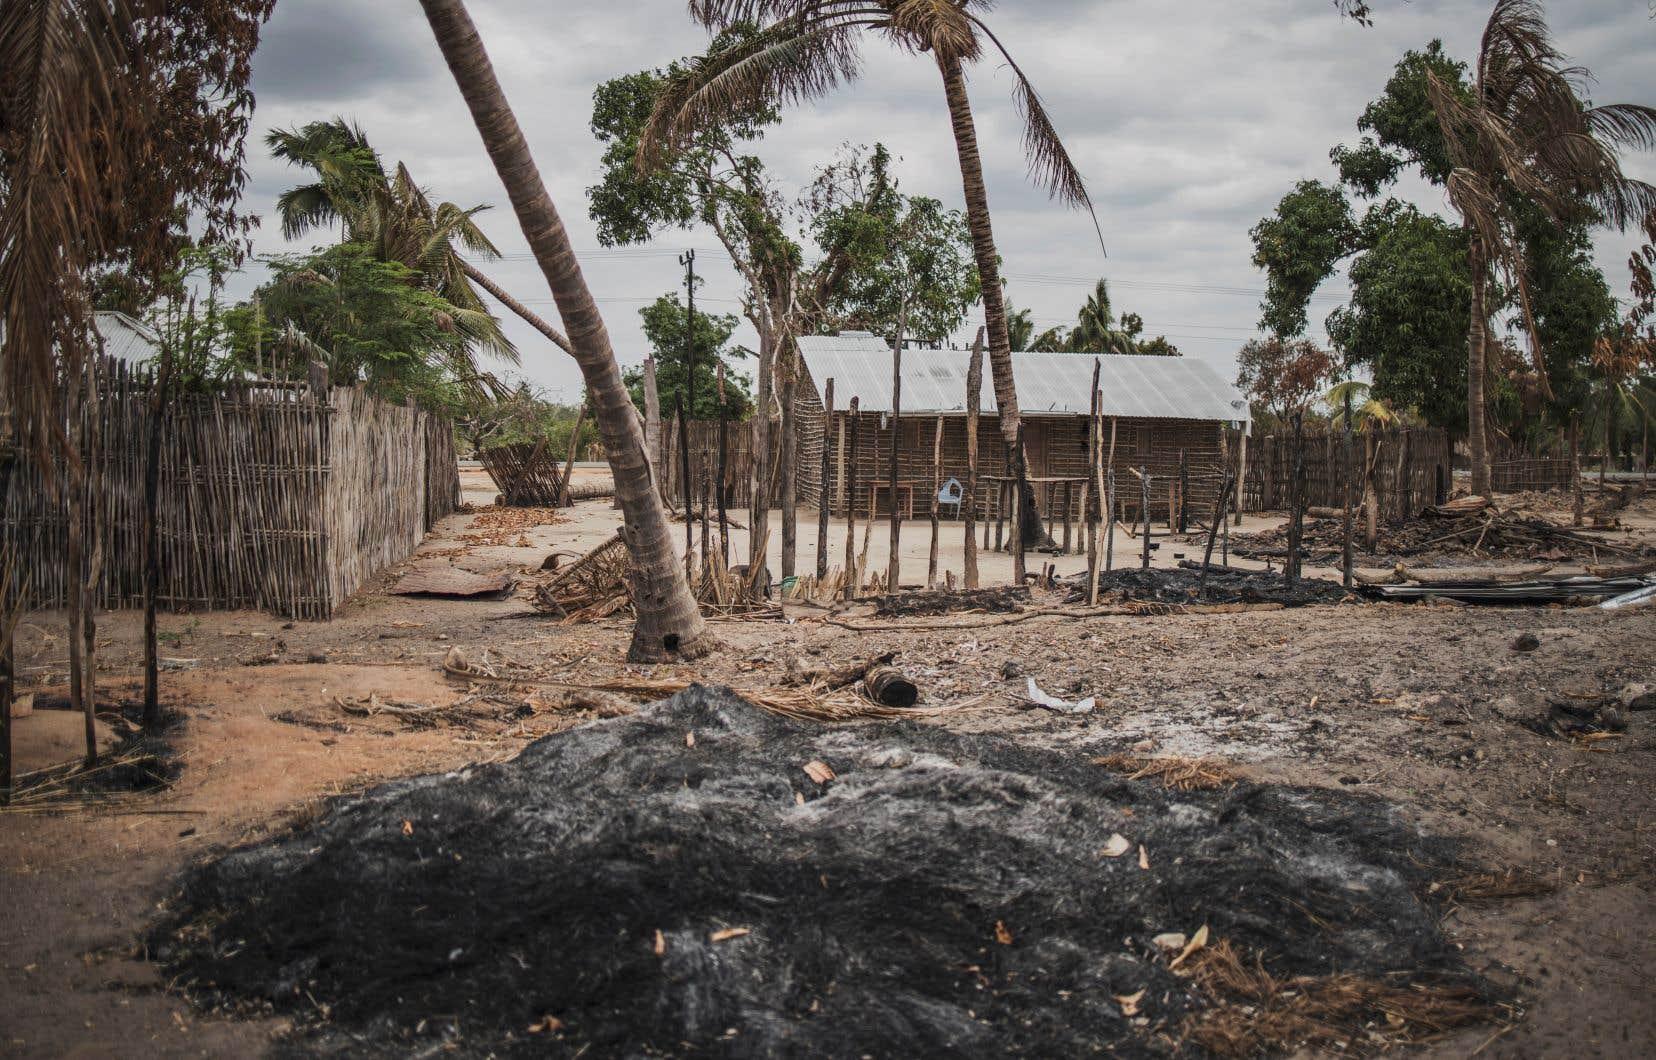 Les attaques djihadistes dans le nord du Mozambique se répètent depuis octobre 2017. Sur la photo, le village d'Aldeia de Paz après une attaque en août 2019.